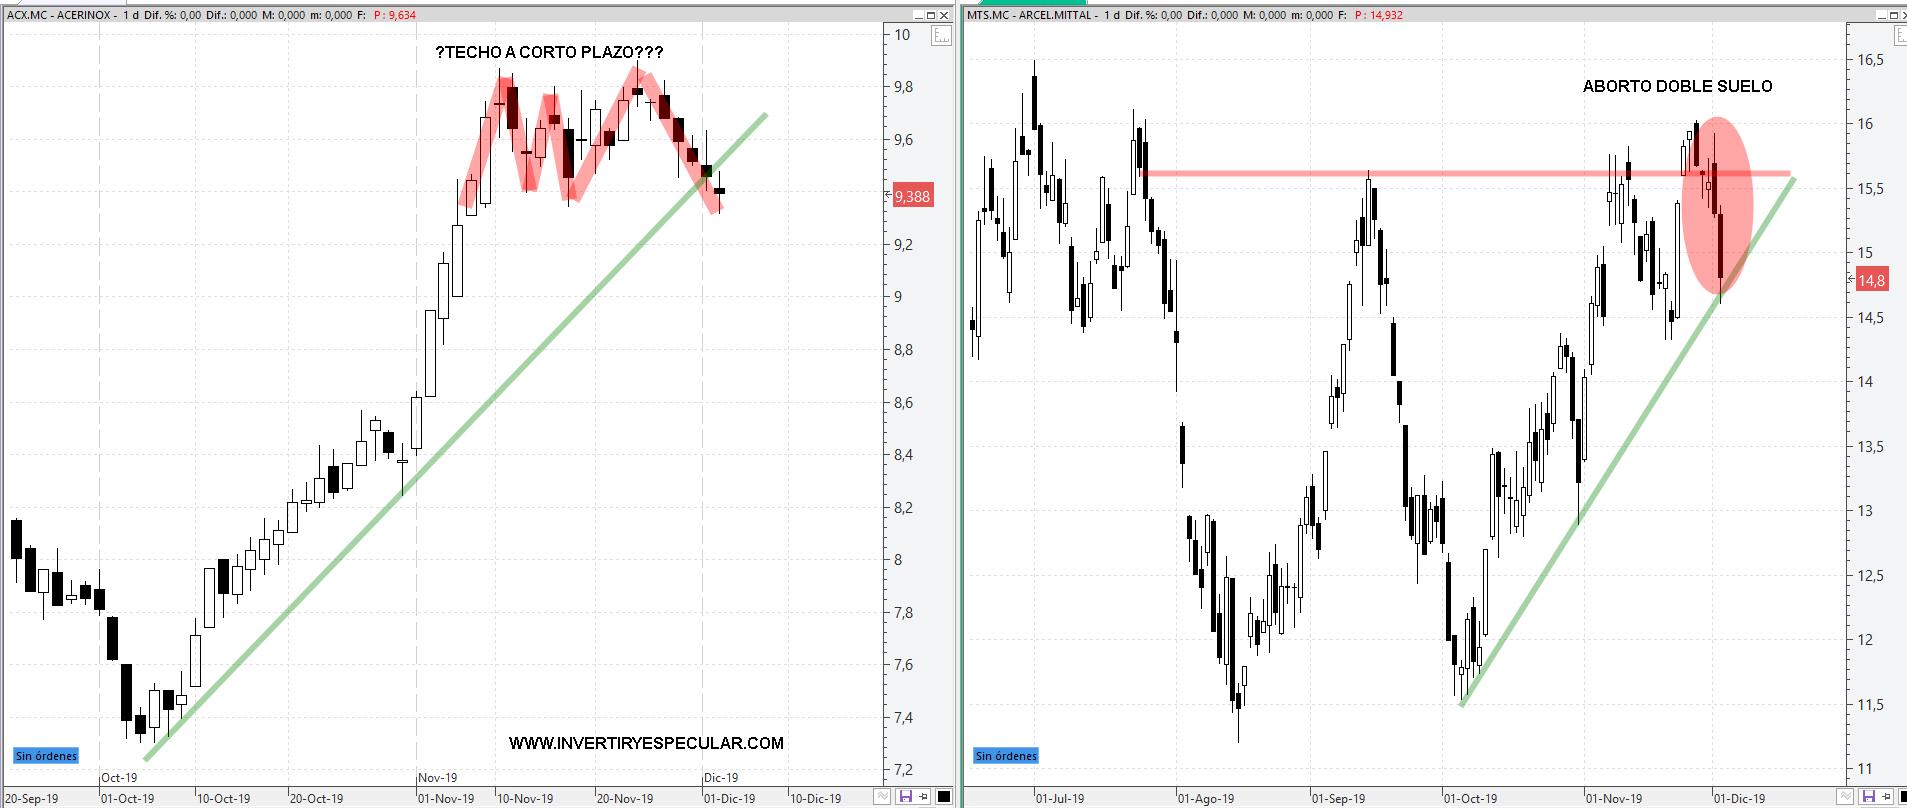 La colitis aguda de Acerinox y Arcelor dura ya una semana